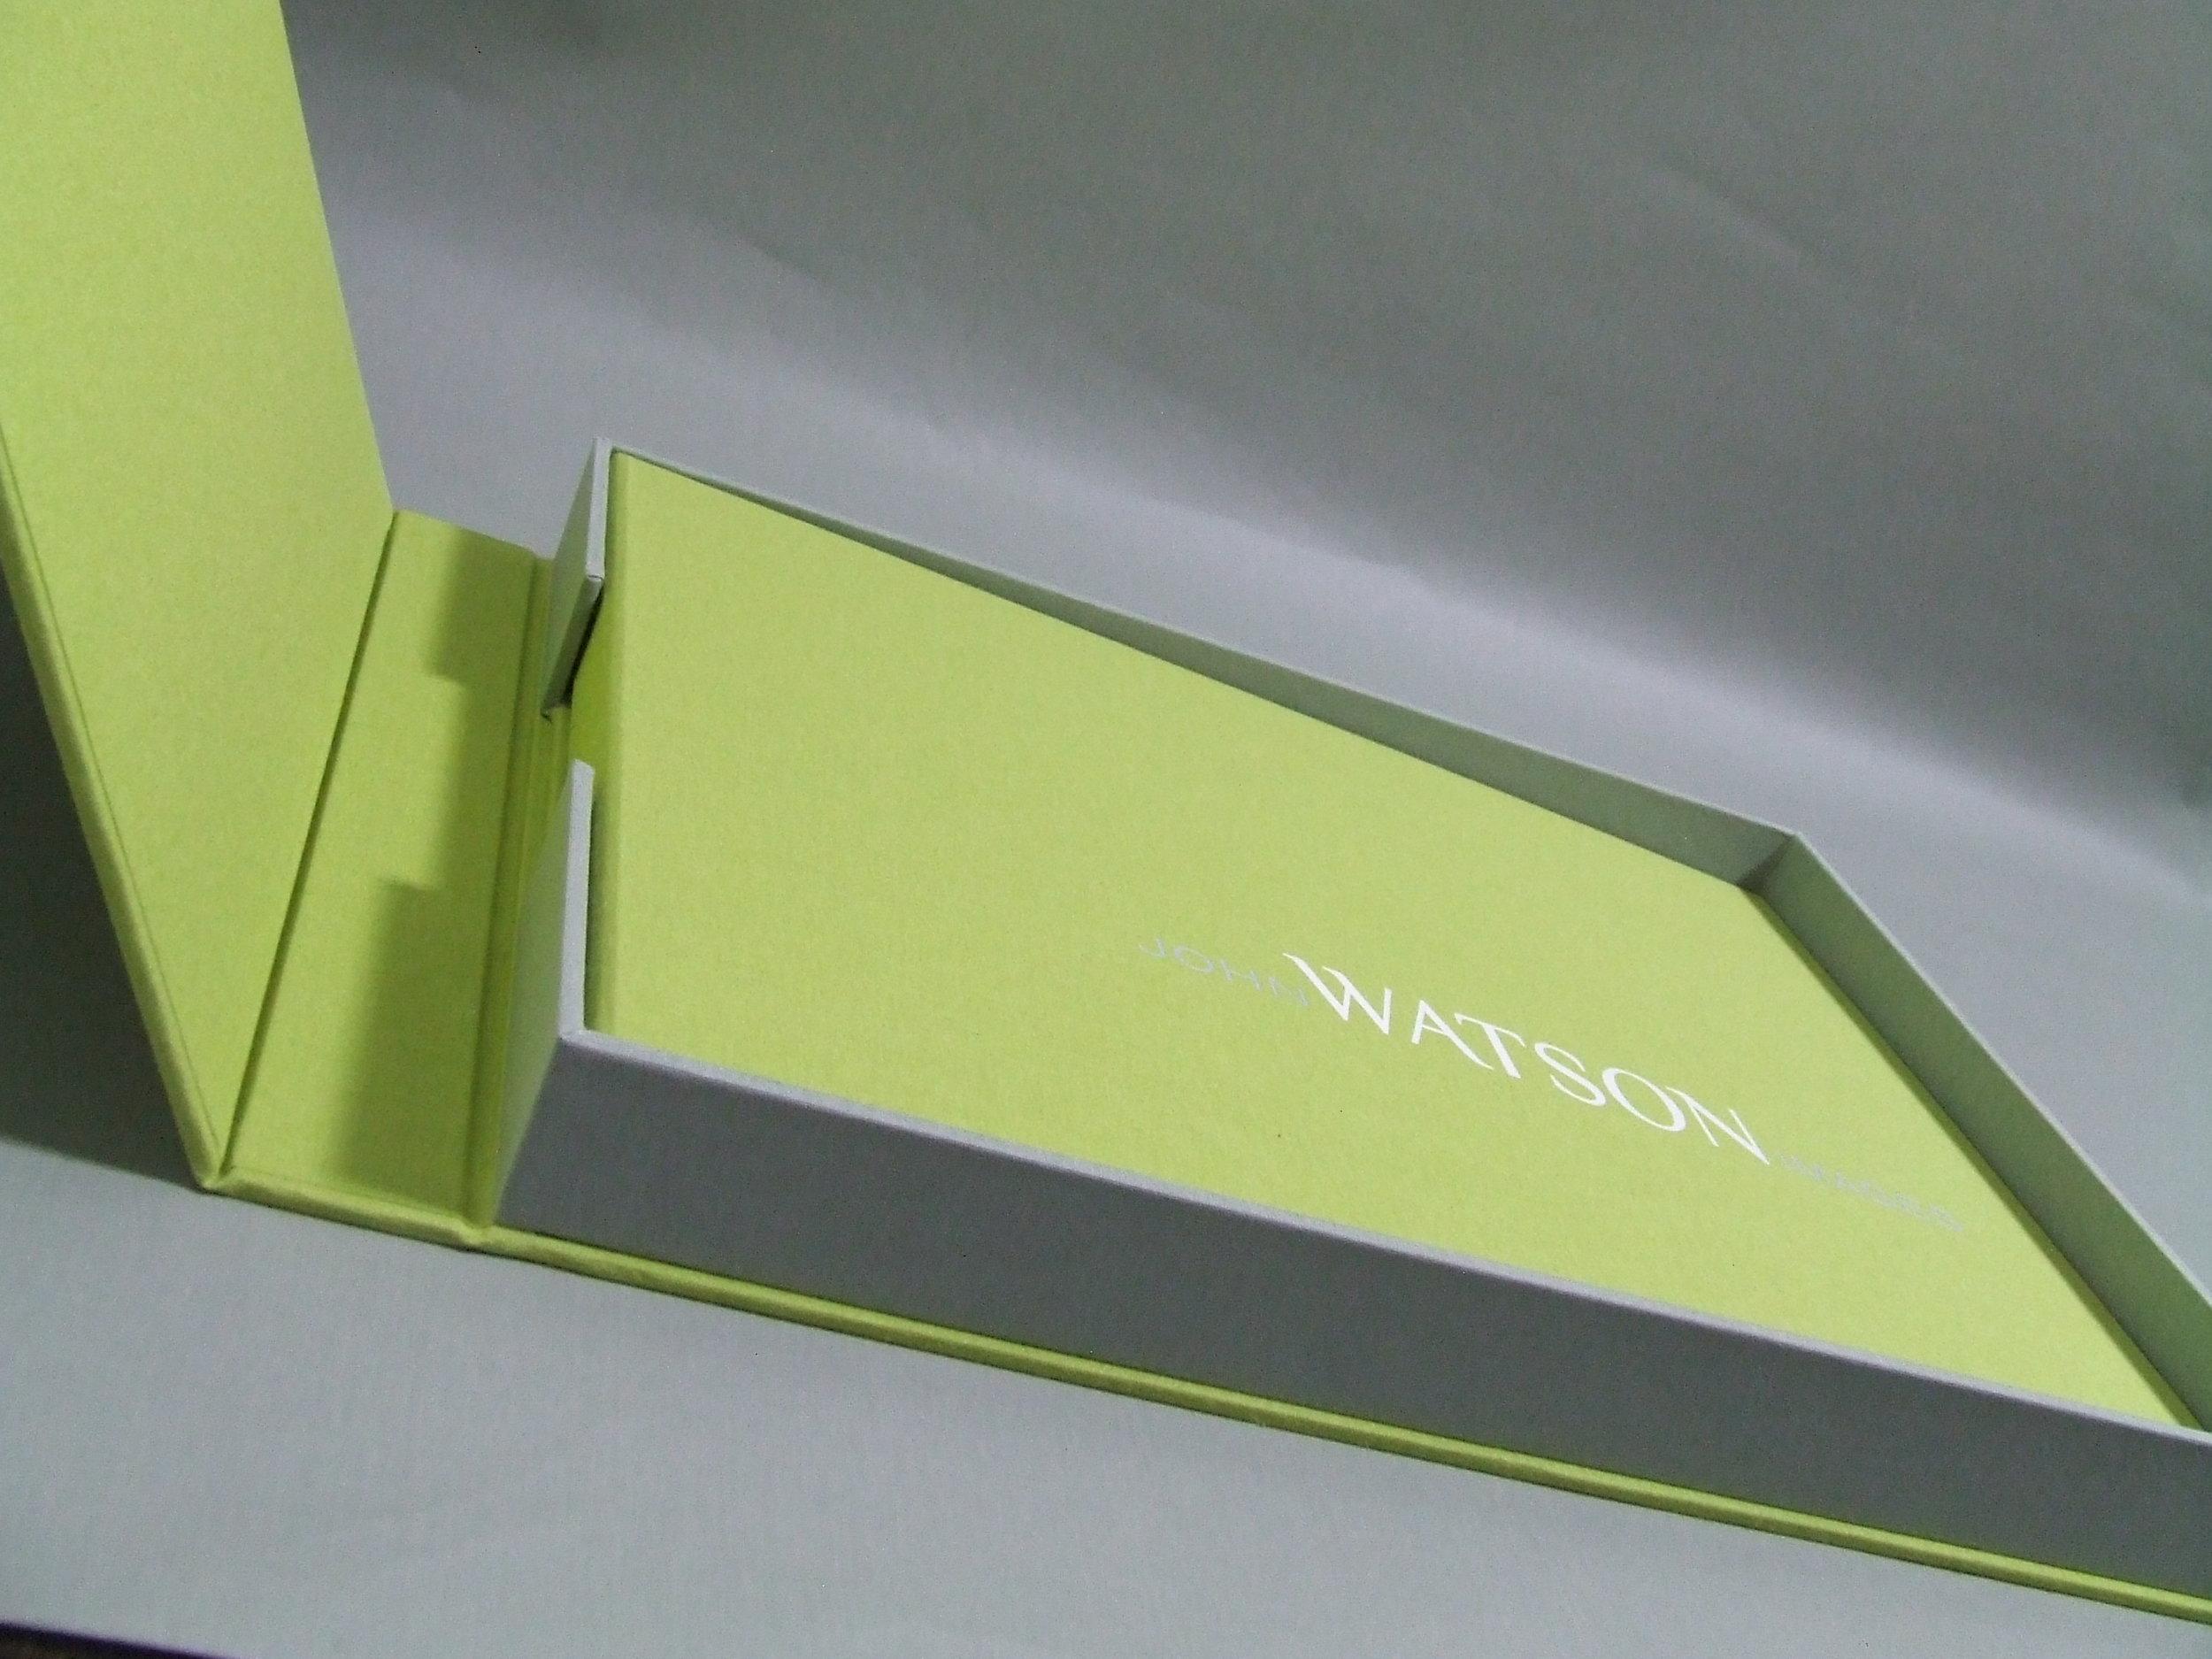 mullenberg-designs-watson-magnetic-flap.jpg